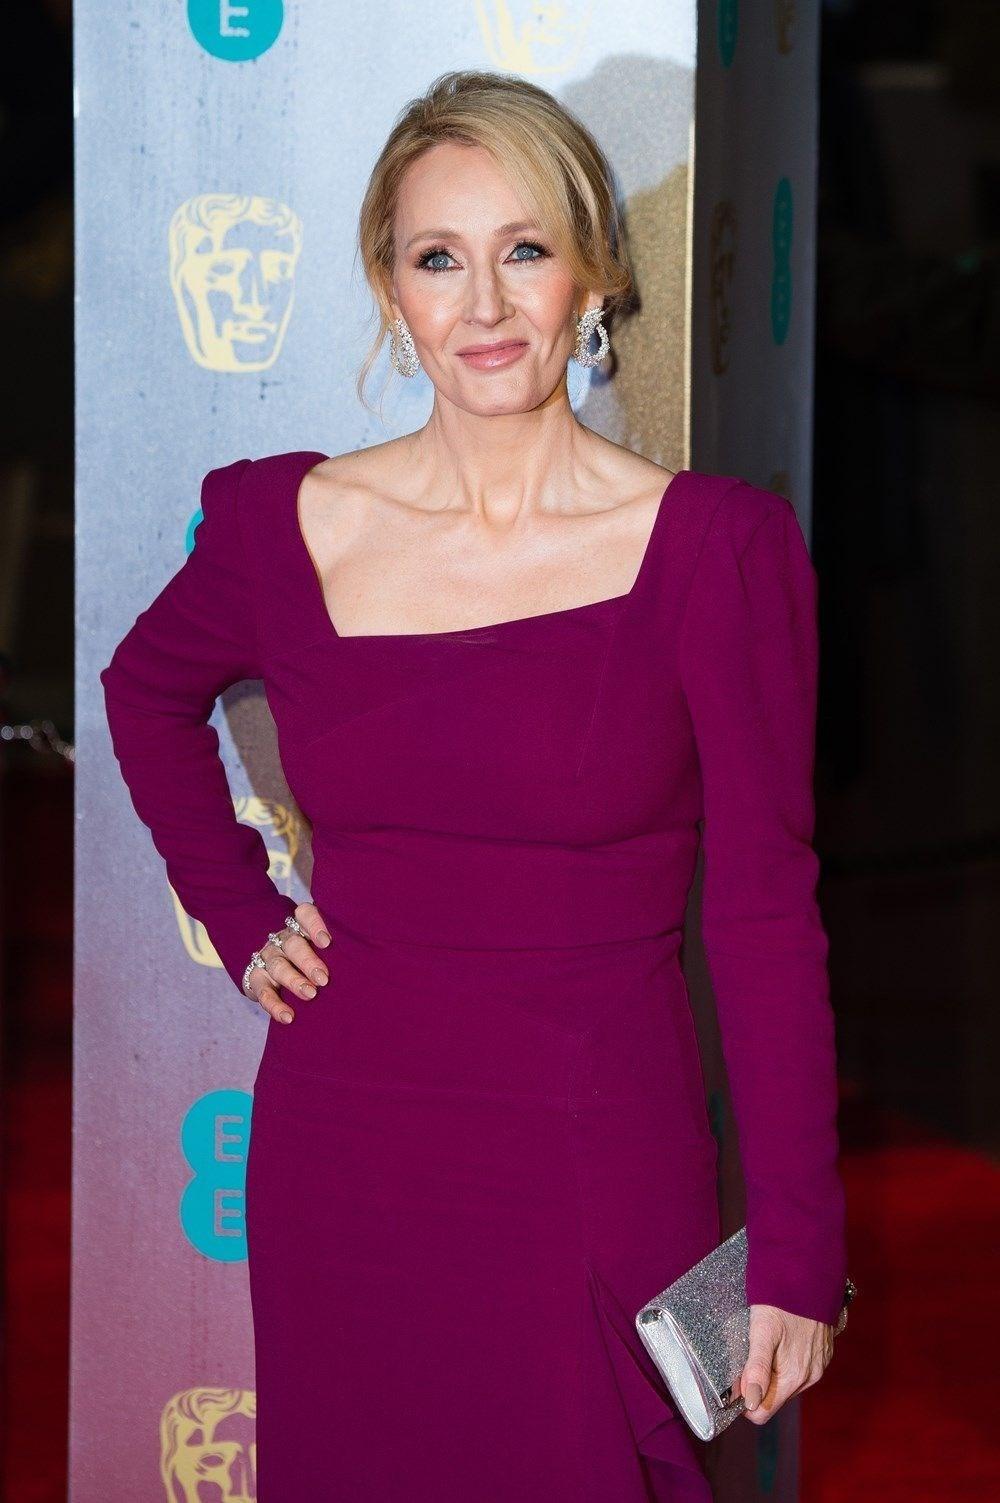 J.K. Rowling'in yeni romanına transfobi suçlaması - 3